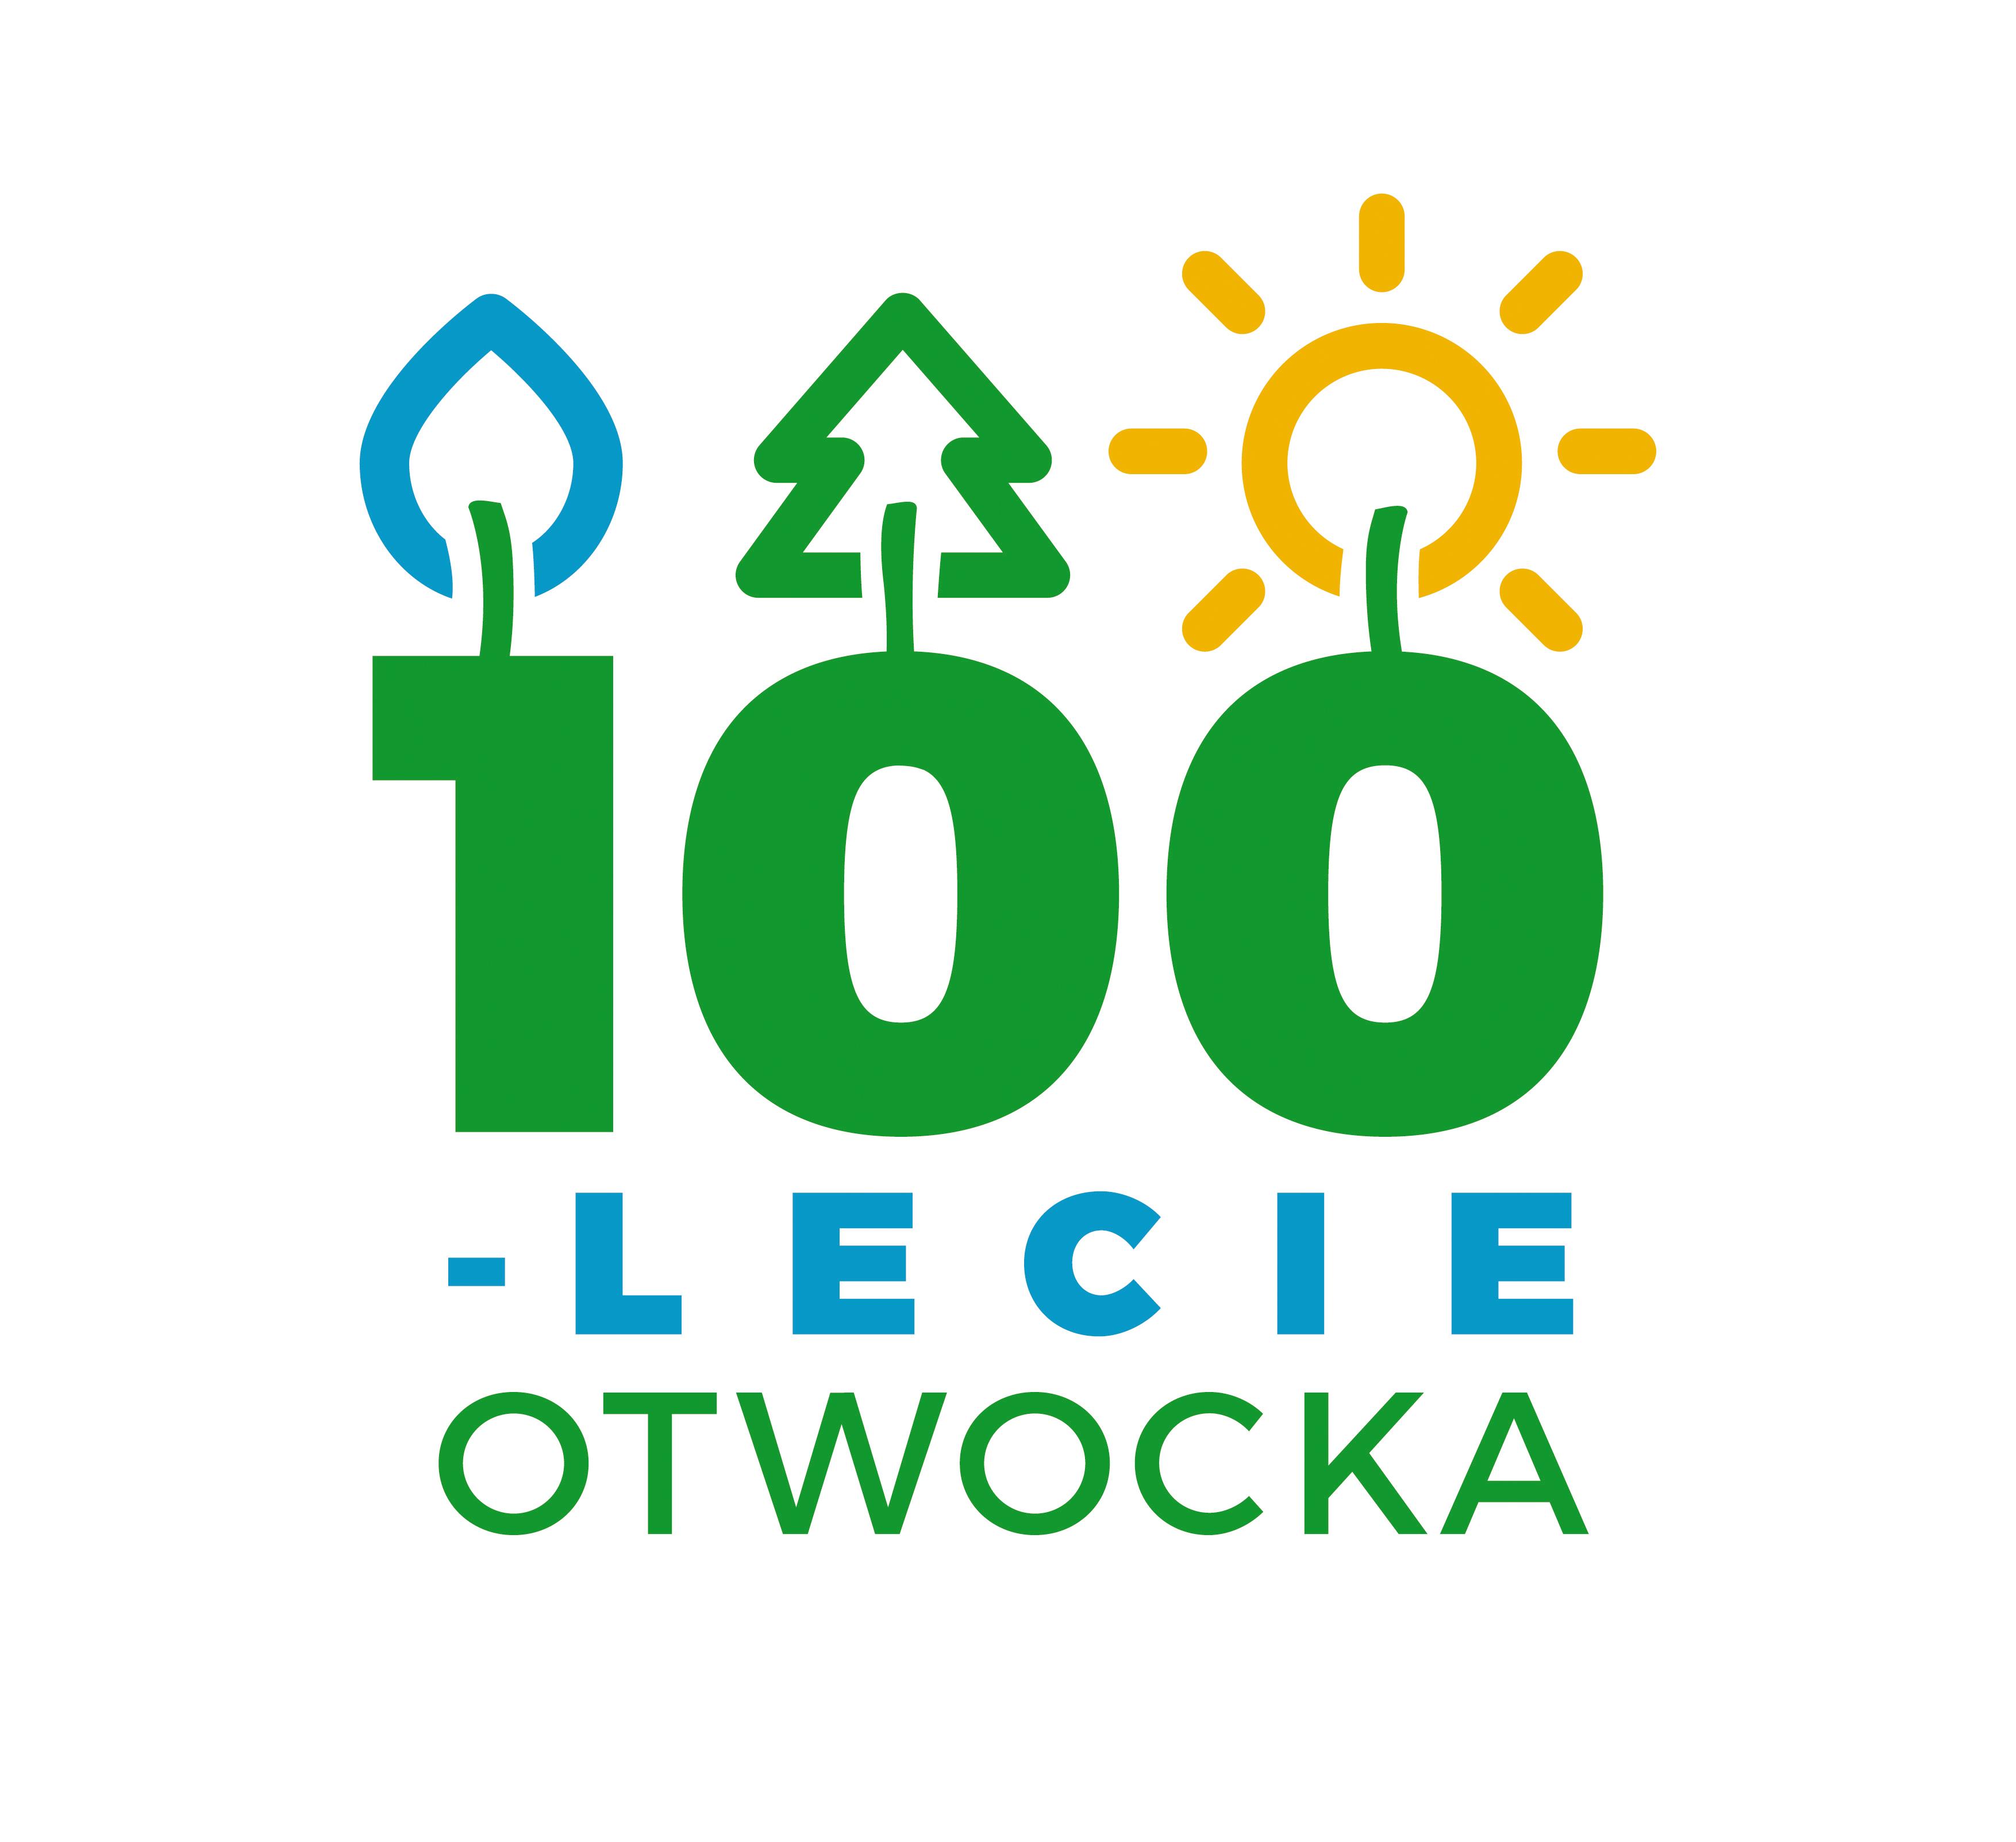 logotypy otwock oficjalny portal miejski serwis www